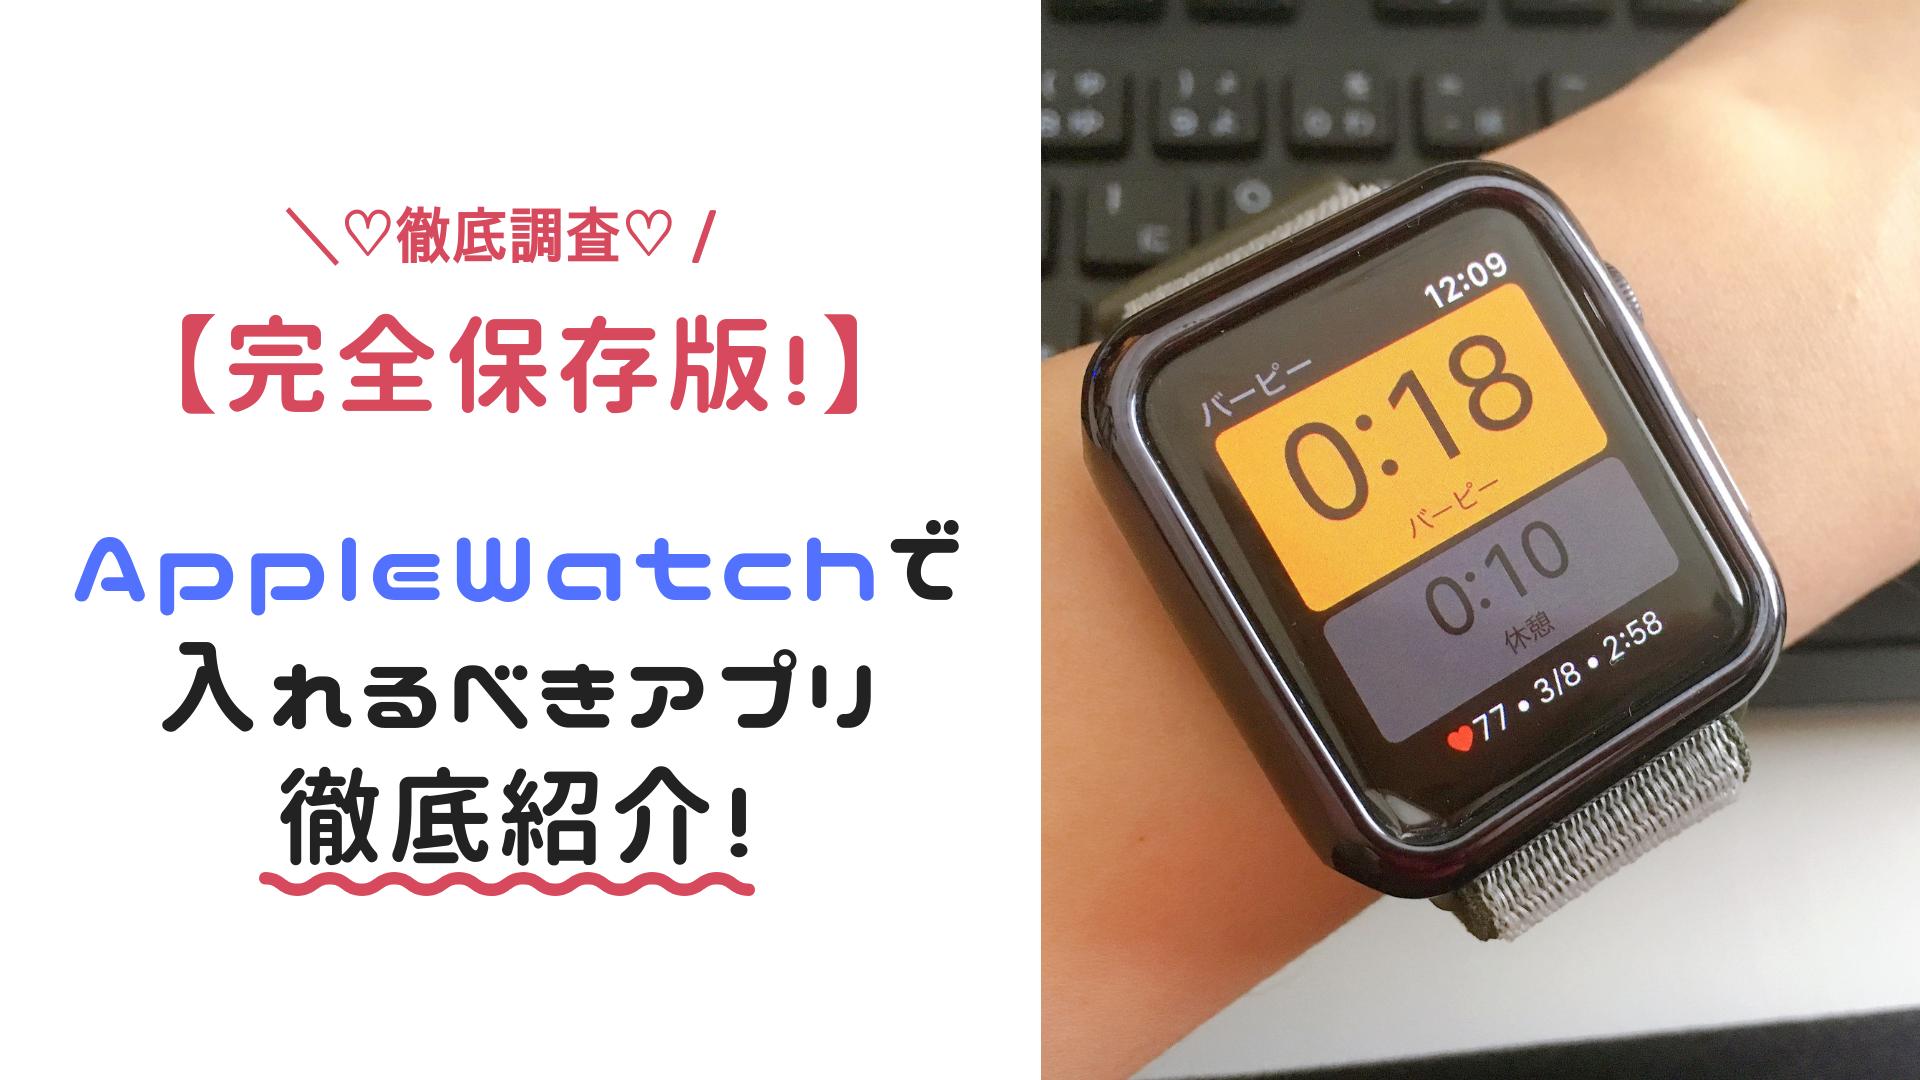 【完全保存版】AppleWatchに必須のおすすアプリ35選【2019年最新】